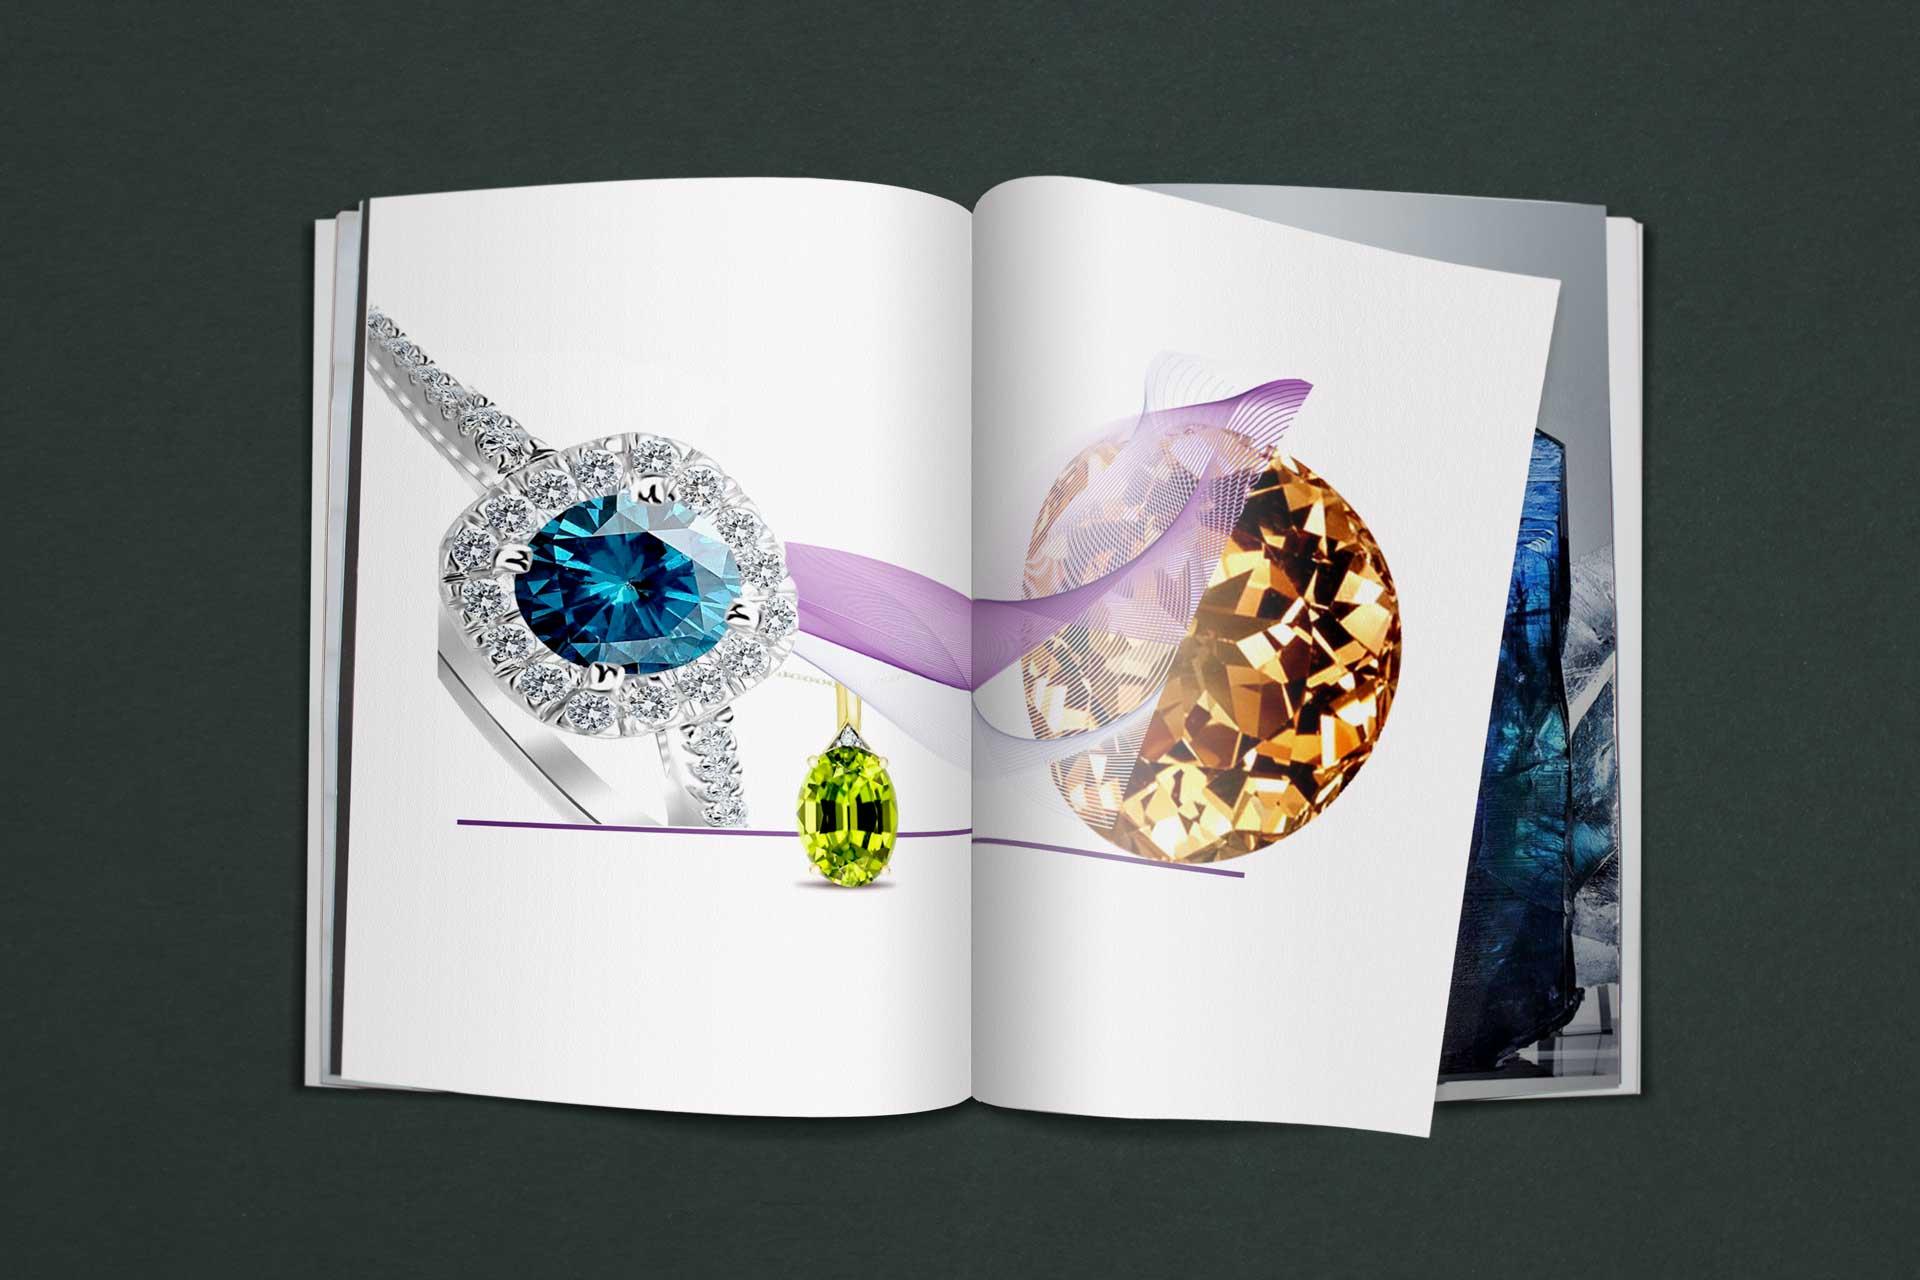 شناخت شفافیت سنگ های قیمتی